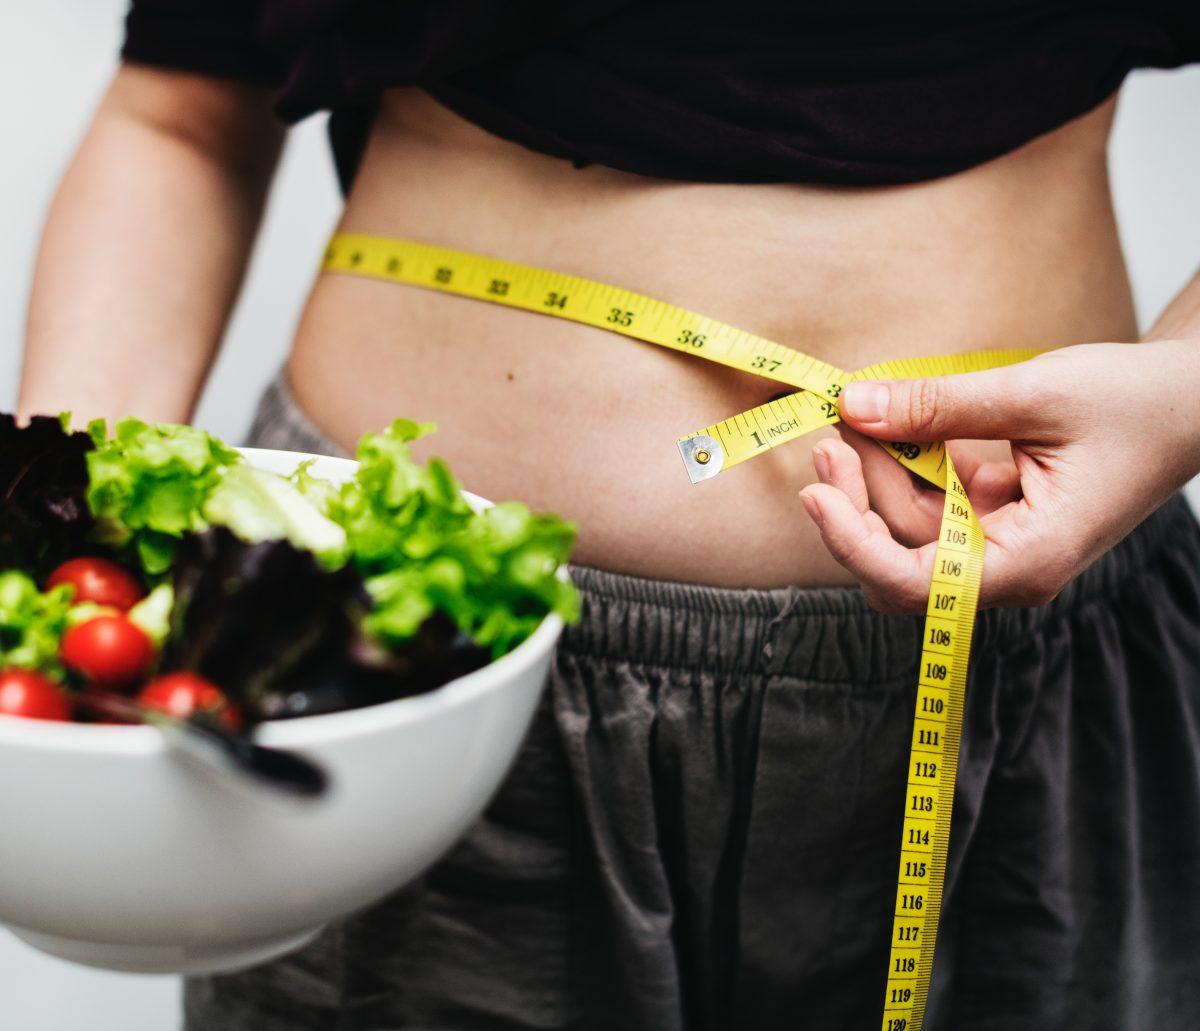 Descubre los hábitos alimenticios que se relacionan con efectos positivos para estimular el metabolismo.